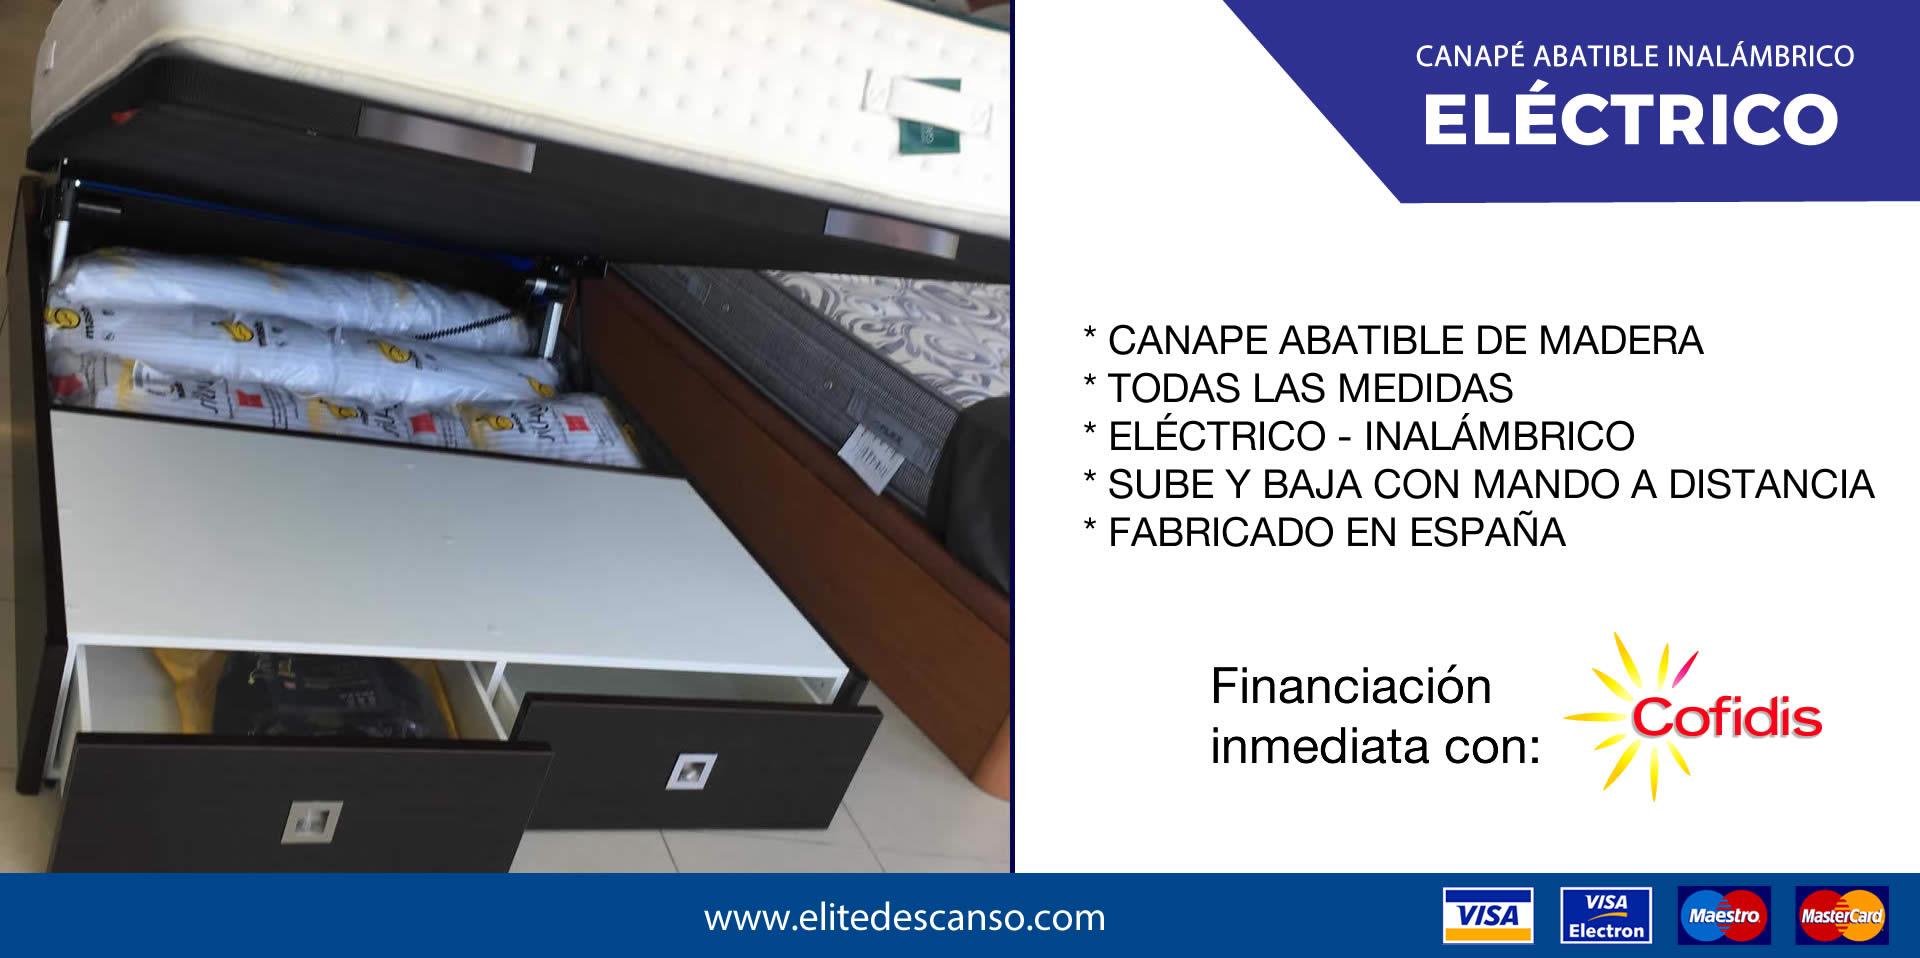 Oferta Canape Abatible Eléctrico Élite Descanso Santiago